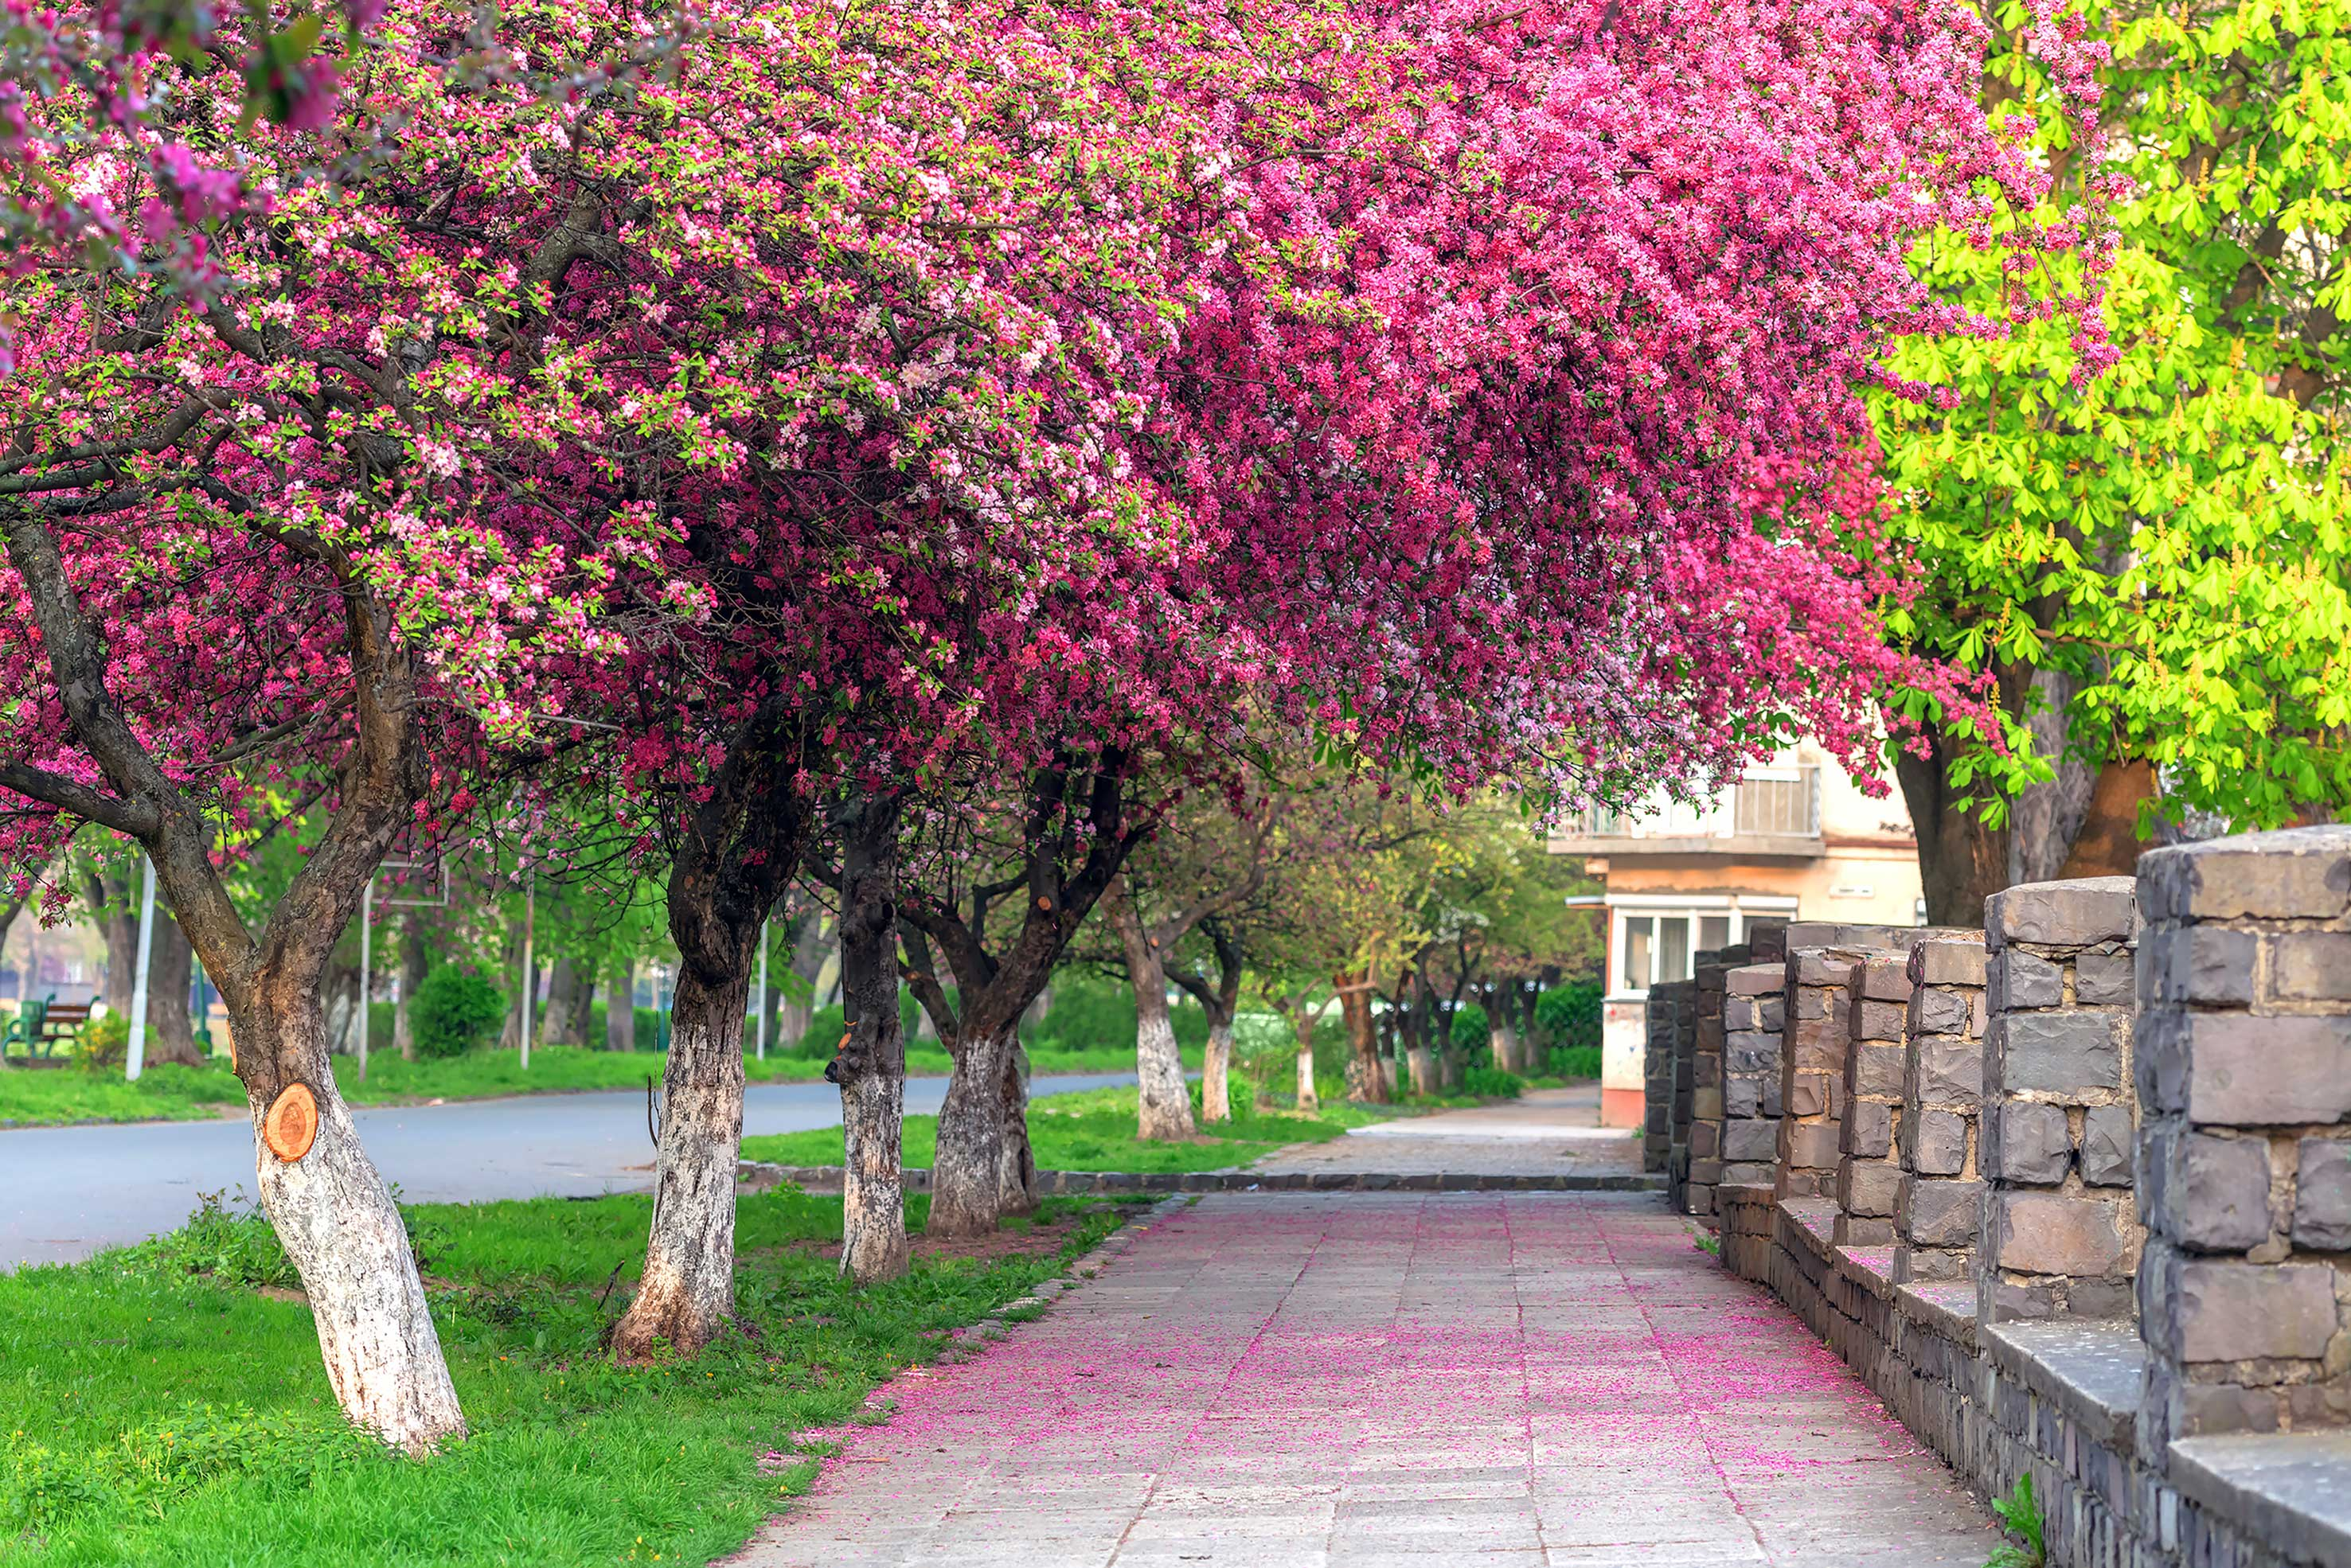 دانلود عکس فصل بهار با کیفیت بالا